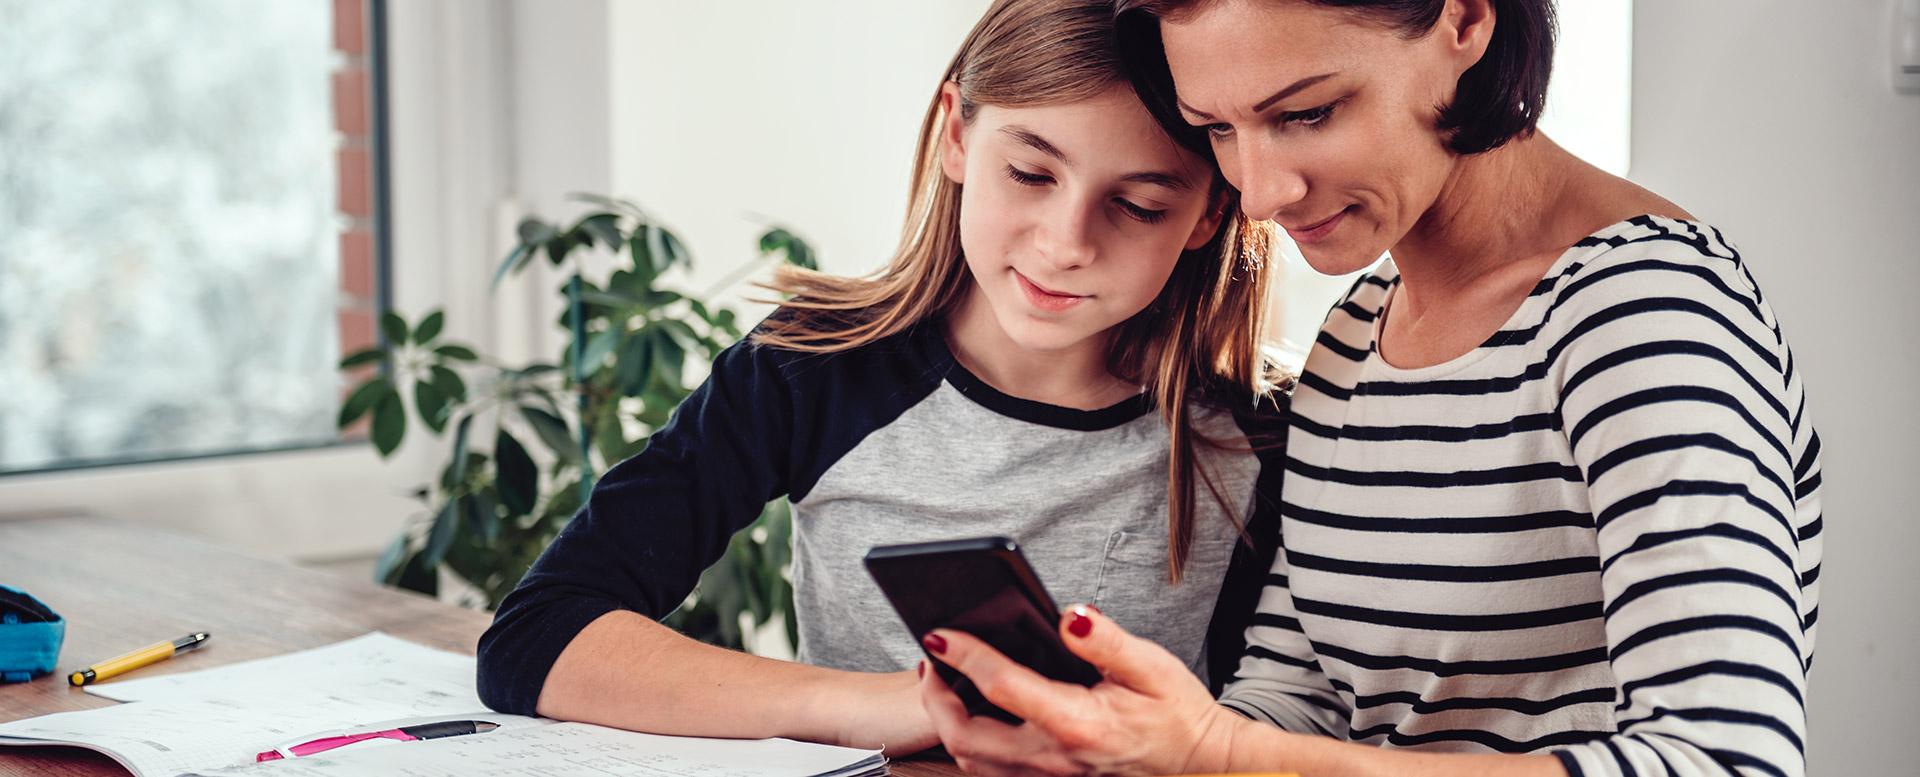 Smartphone und Handy kindersicher einrichten